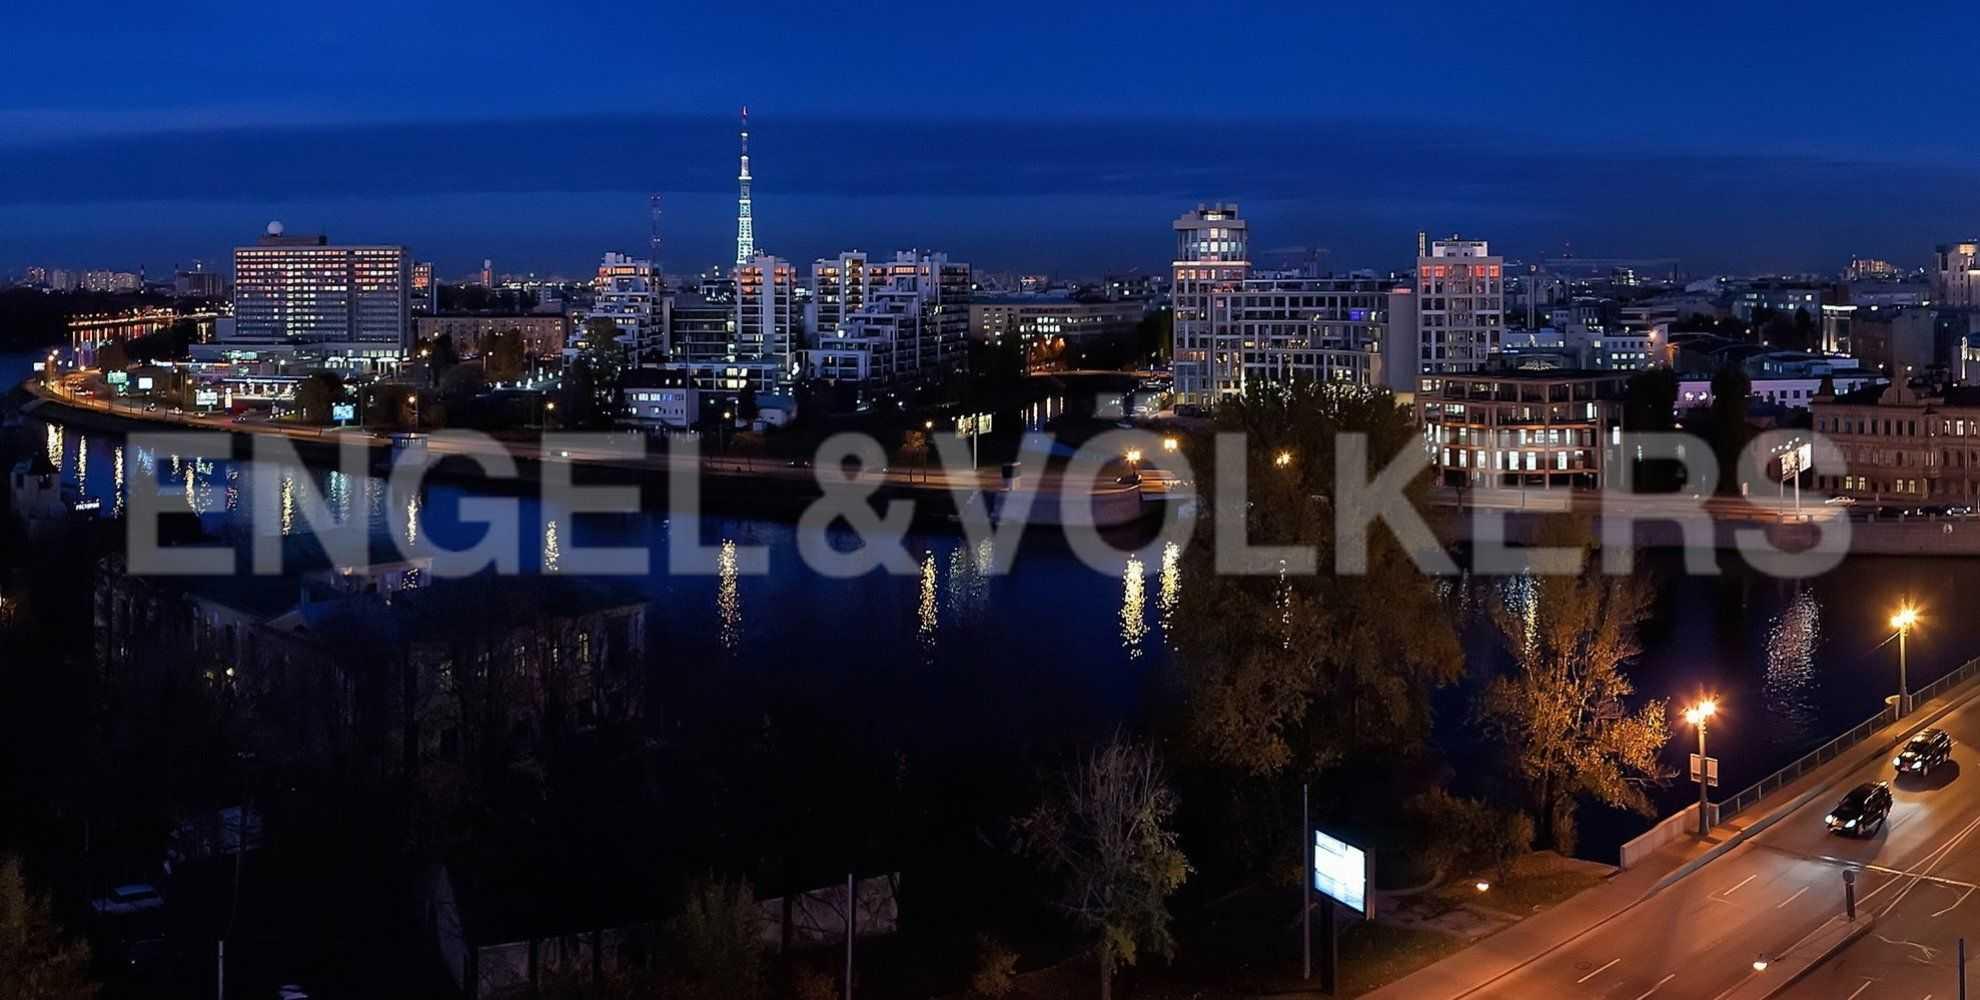 Элитные квартиры на . Санкт-Петербург, Вязовая, 8. Вид в вечернее время